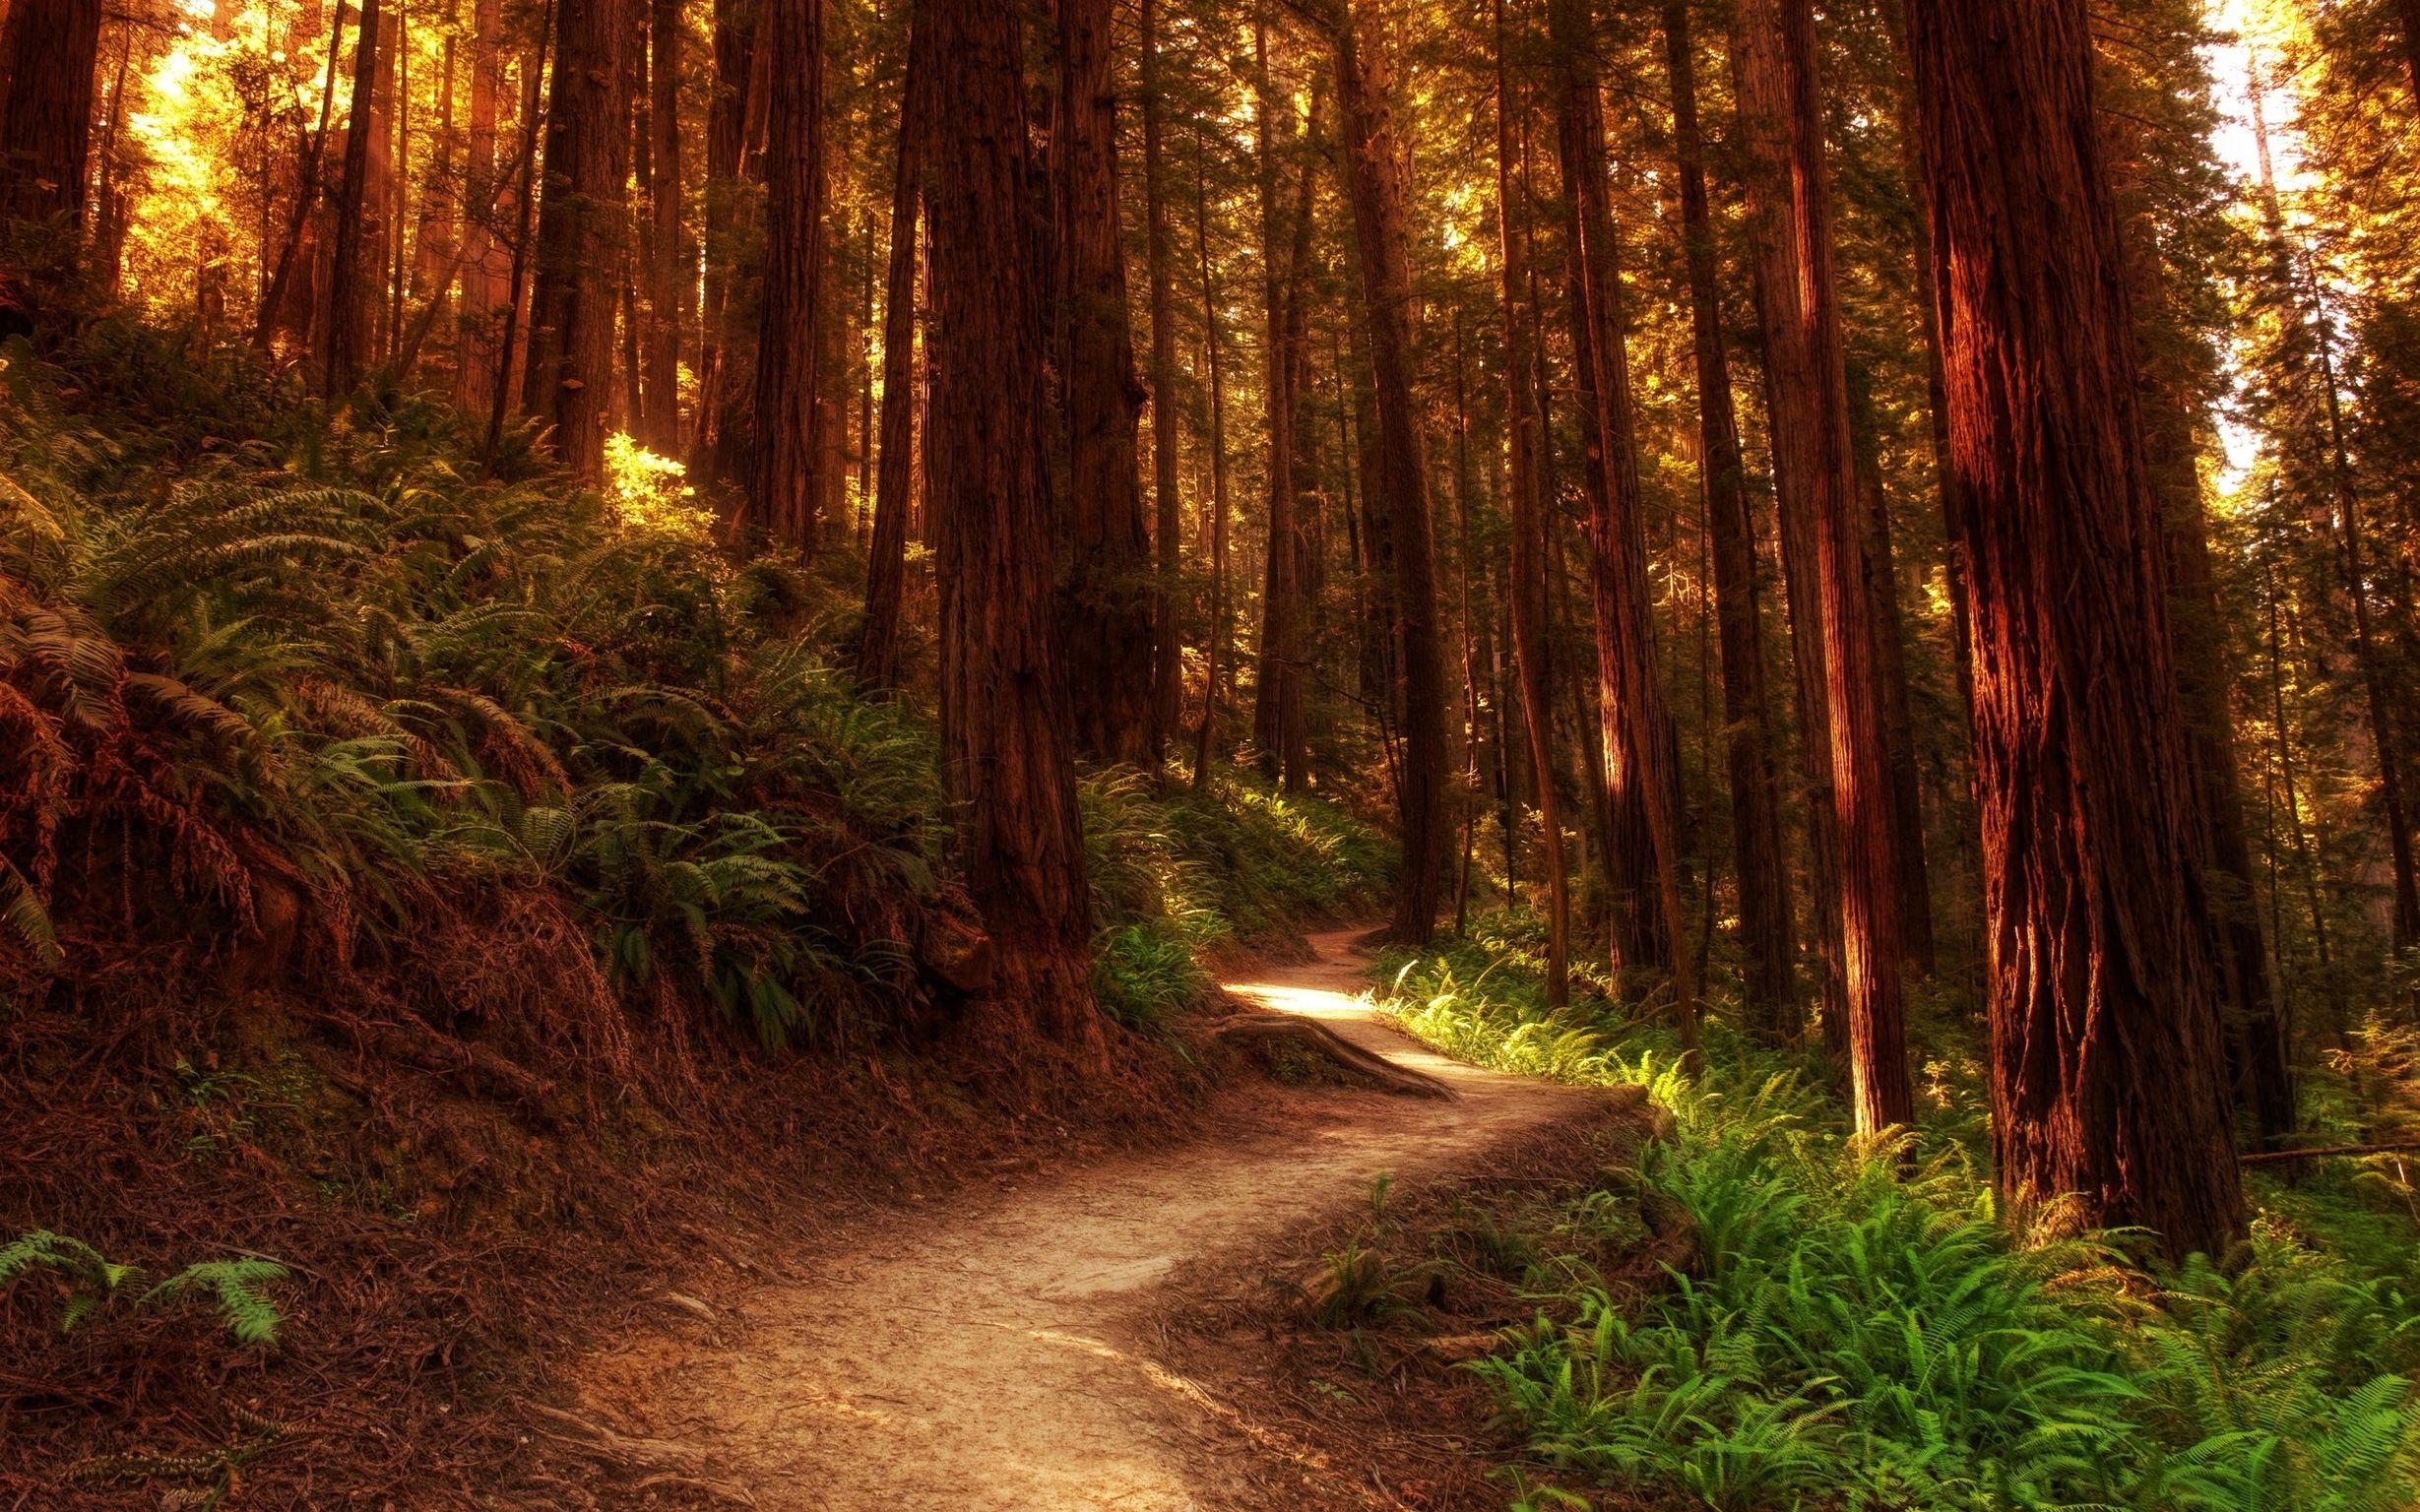 красивые картинки лес высокого качества варшаве наступает